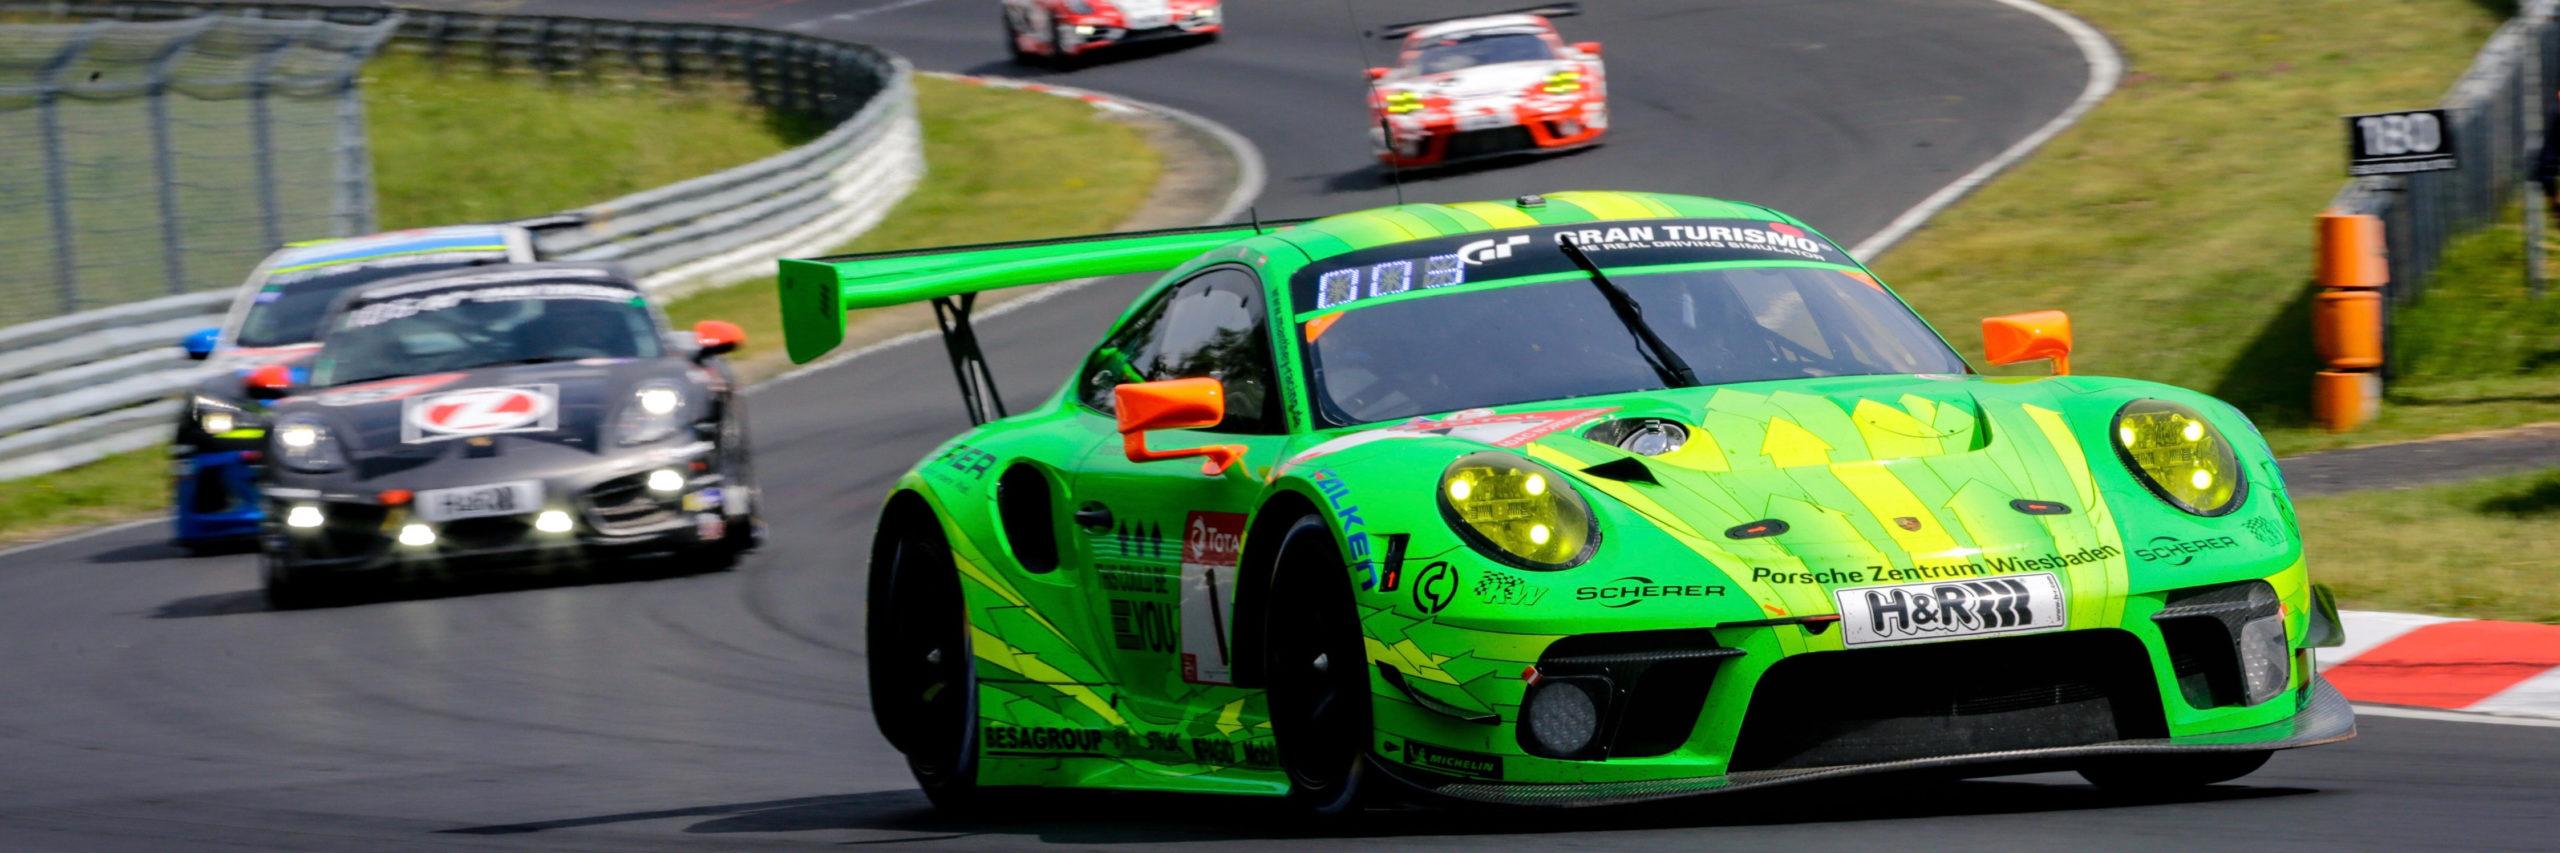 Nürburgring 24 Hours slide 4